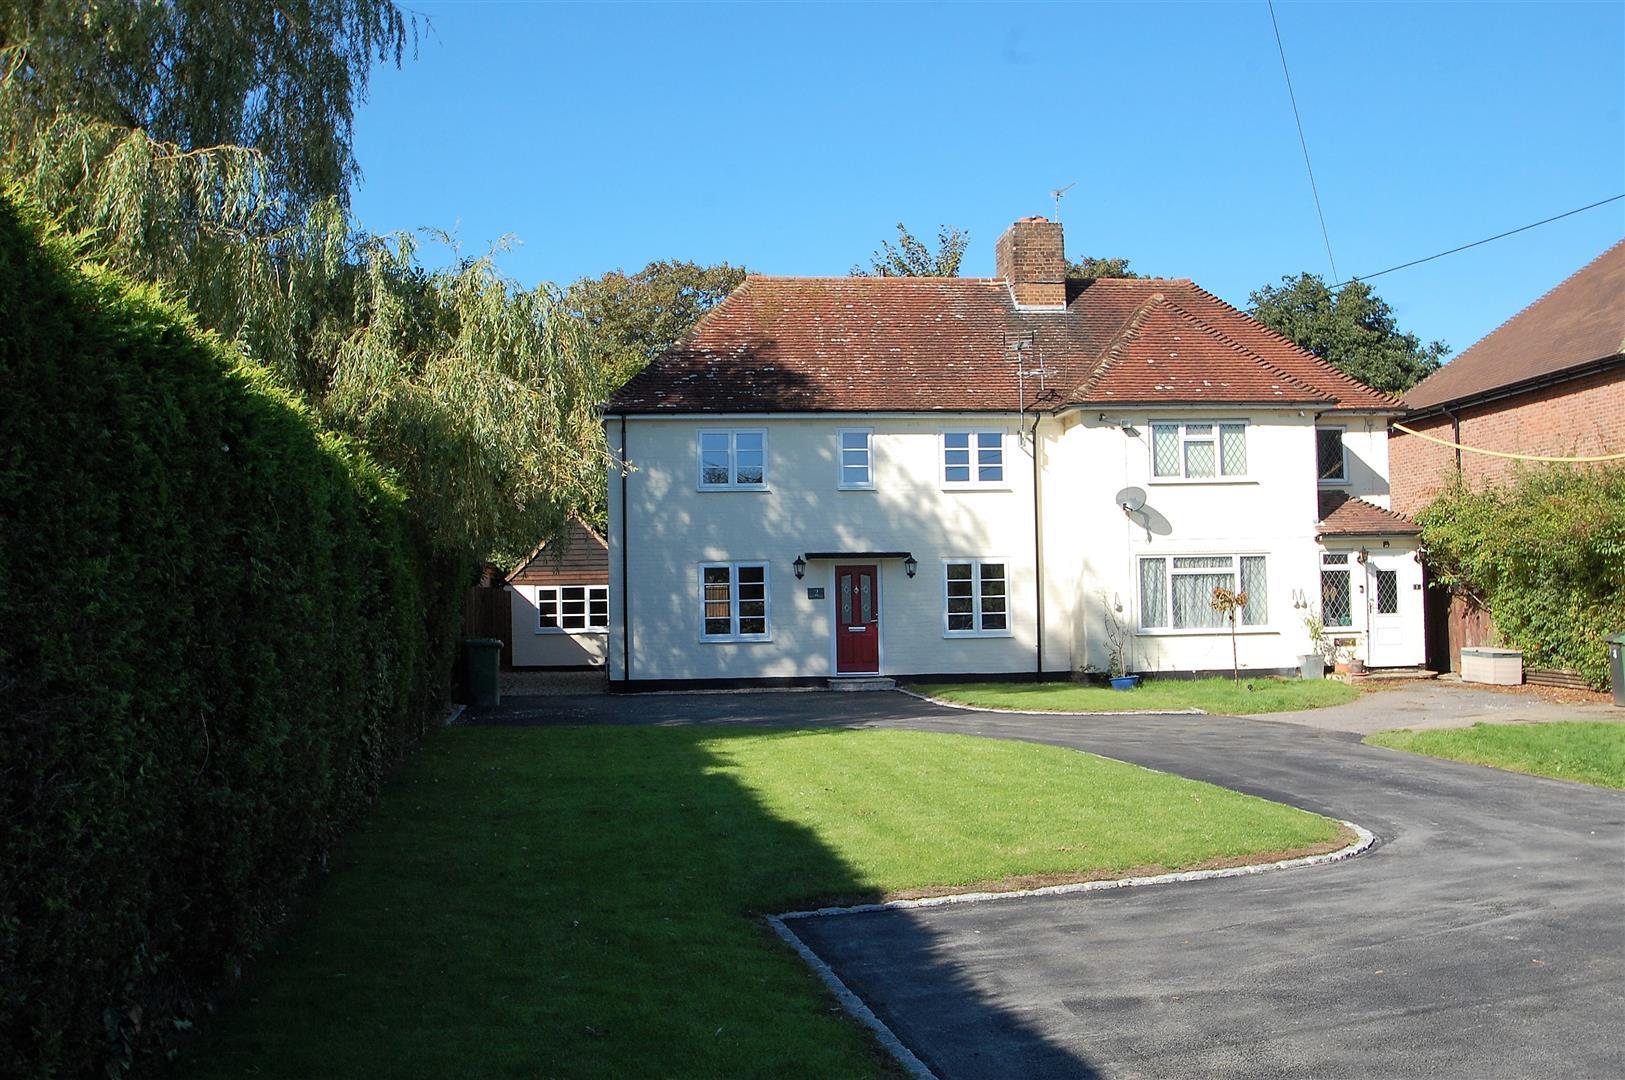 Farnham Road, Liss